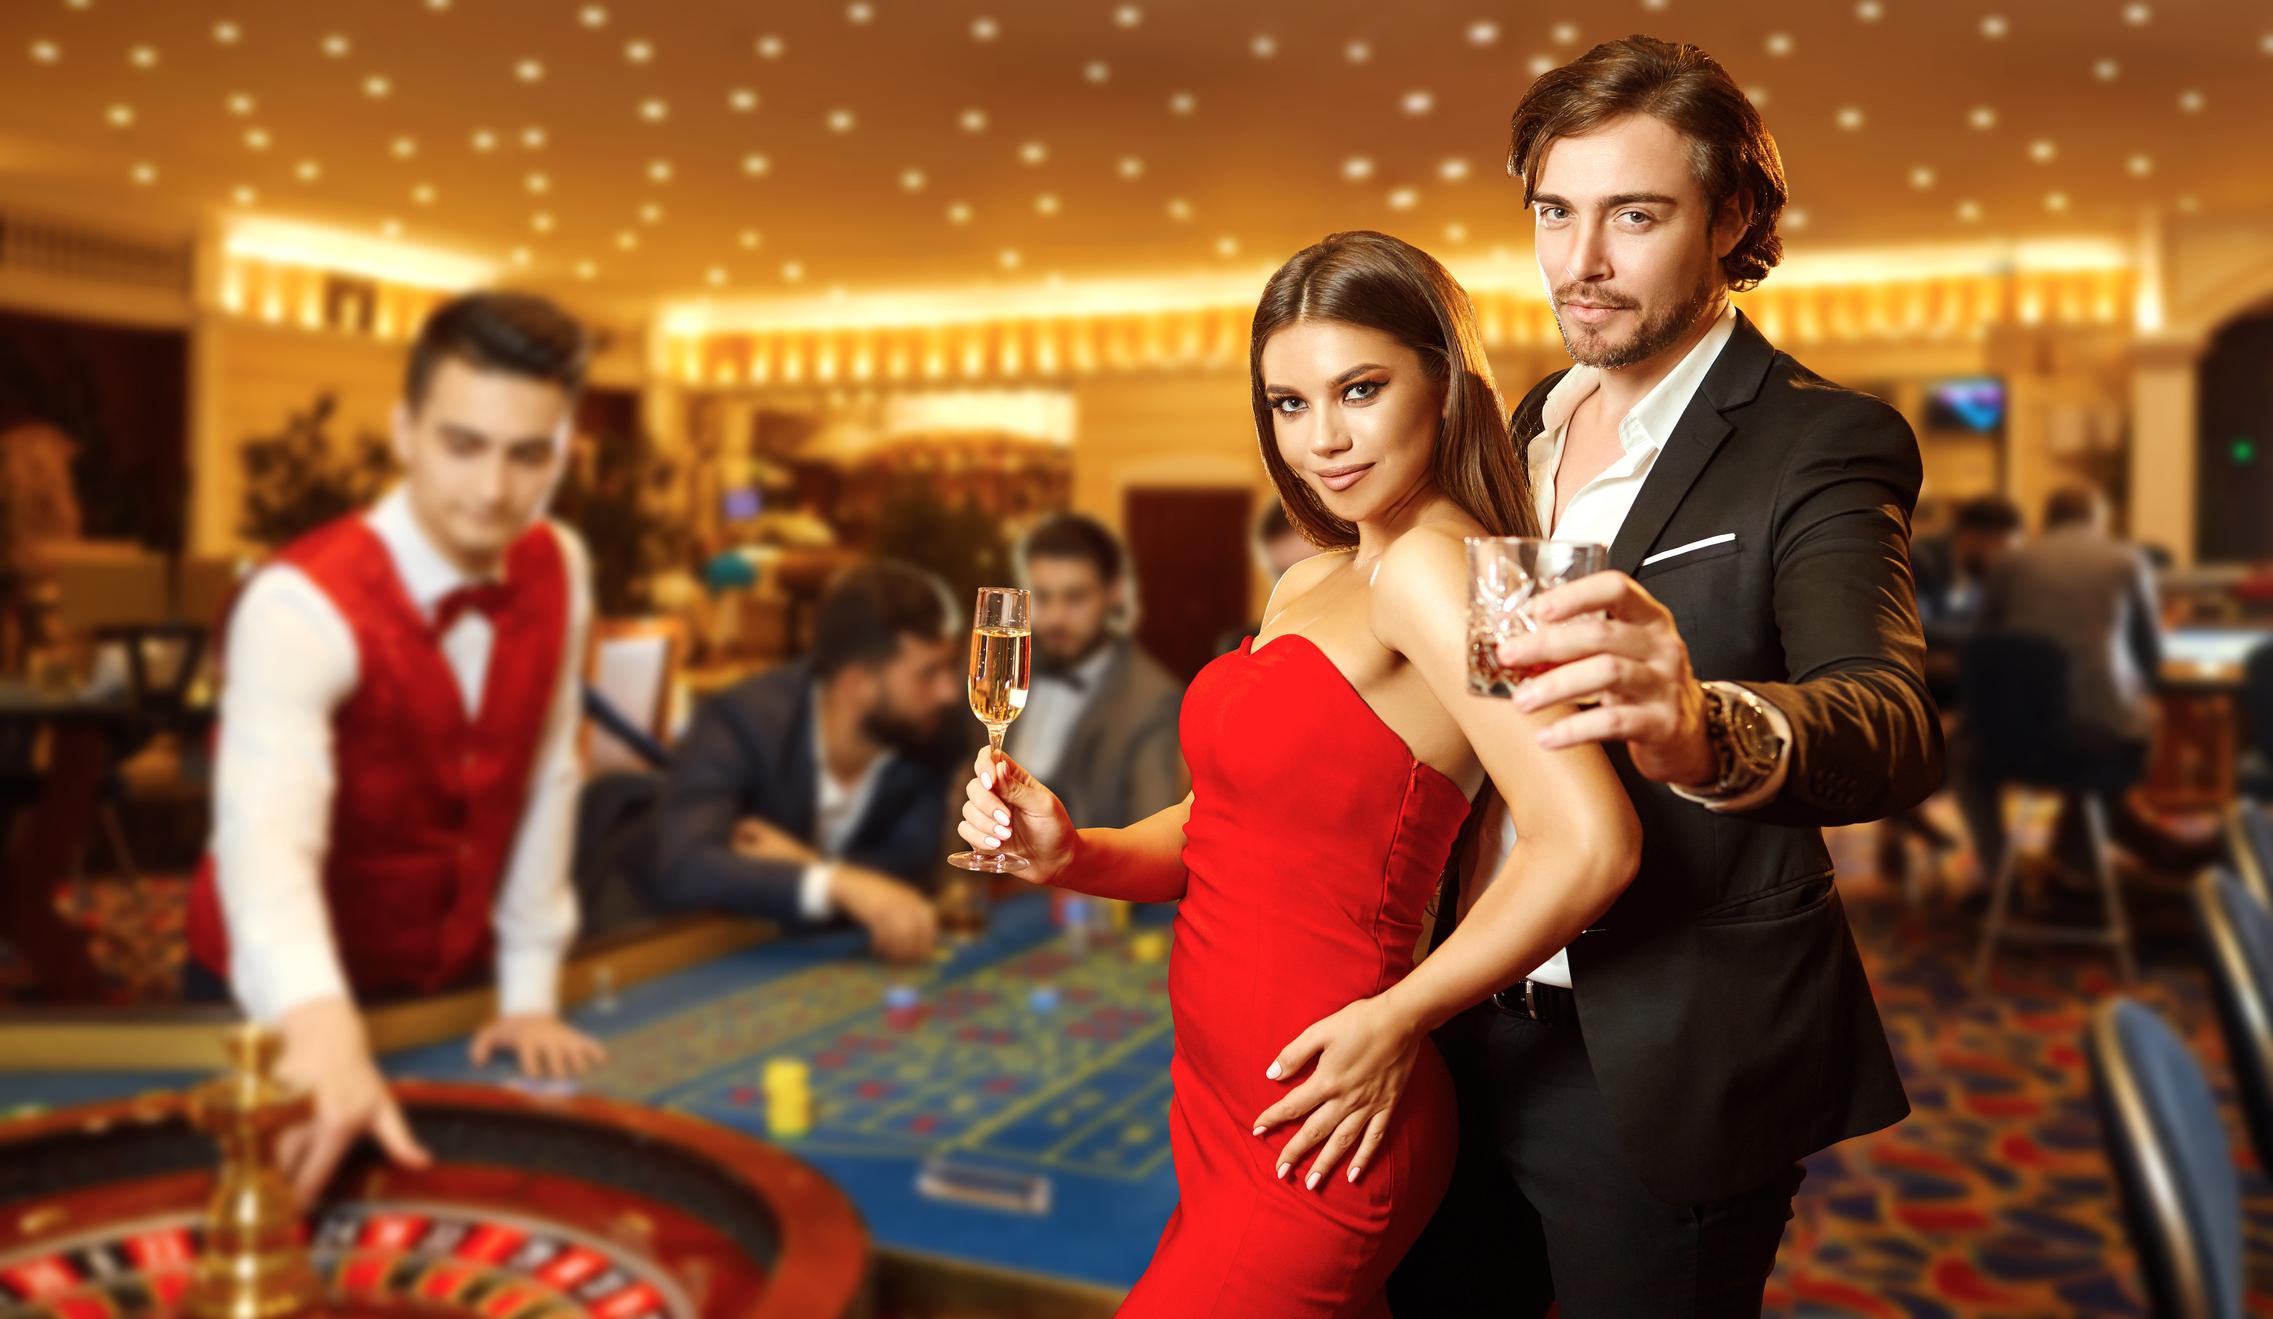 Glamorous Couple in vegas casinoa attire